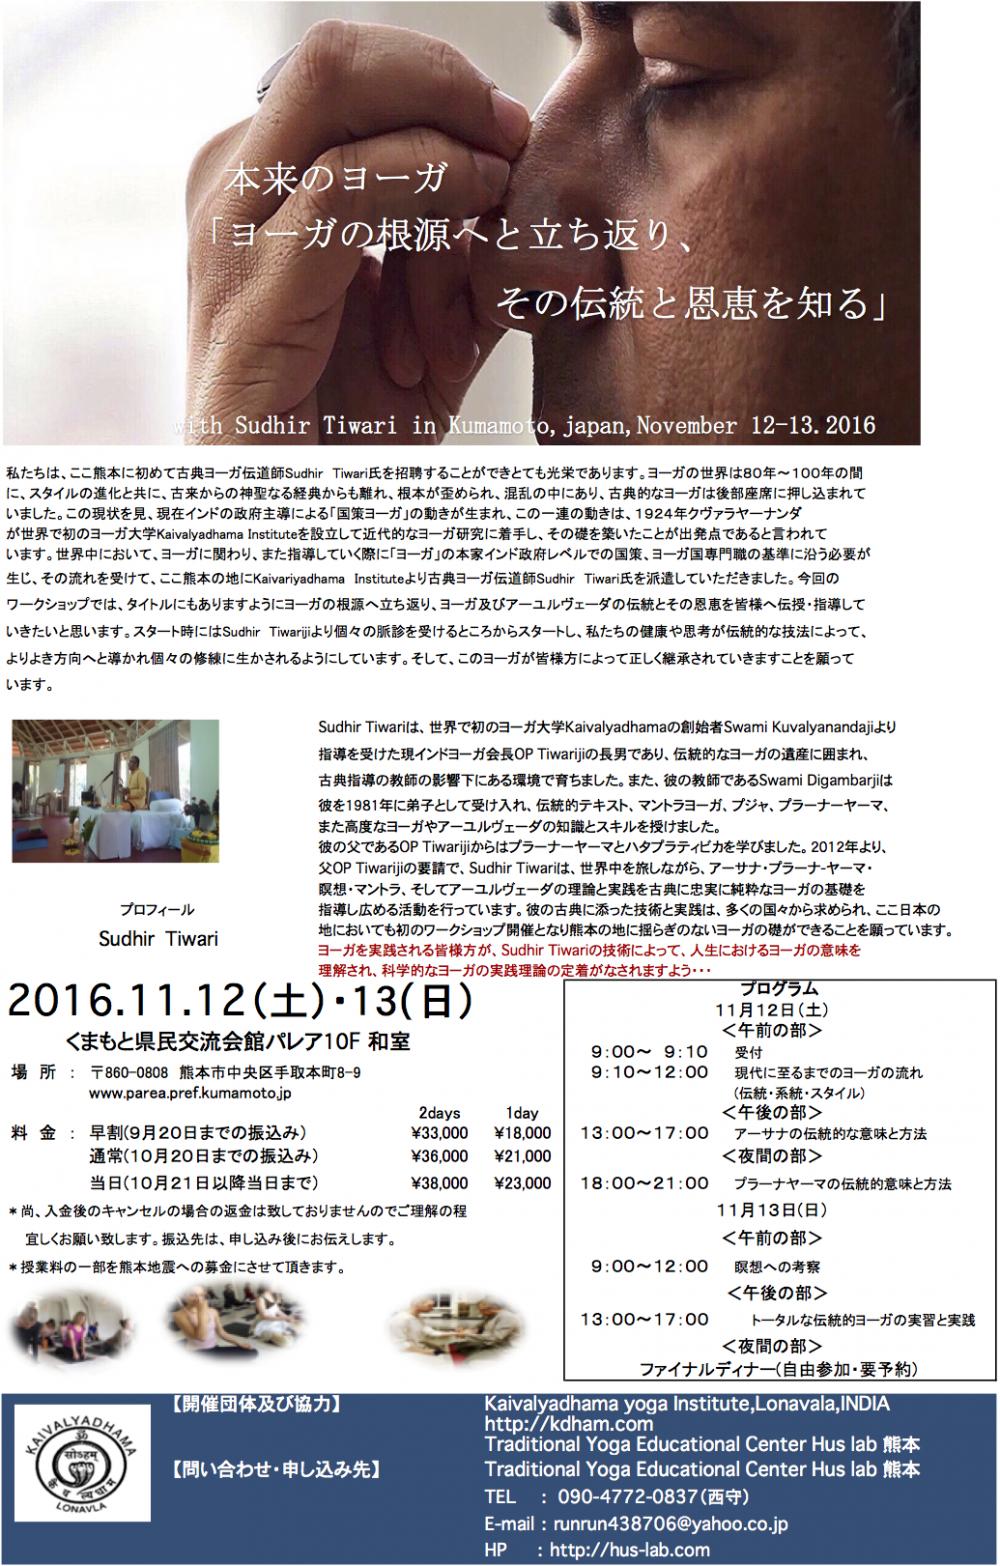 「ヨーガの根源へと立ち返り、その伝統と恩恵を知る」with Sudhir Tiwari in Kumamoto ,JAPAN ,11th-13th November 2016